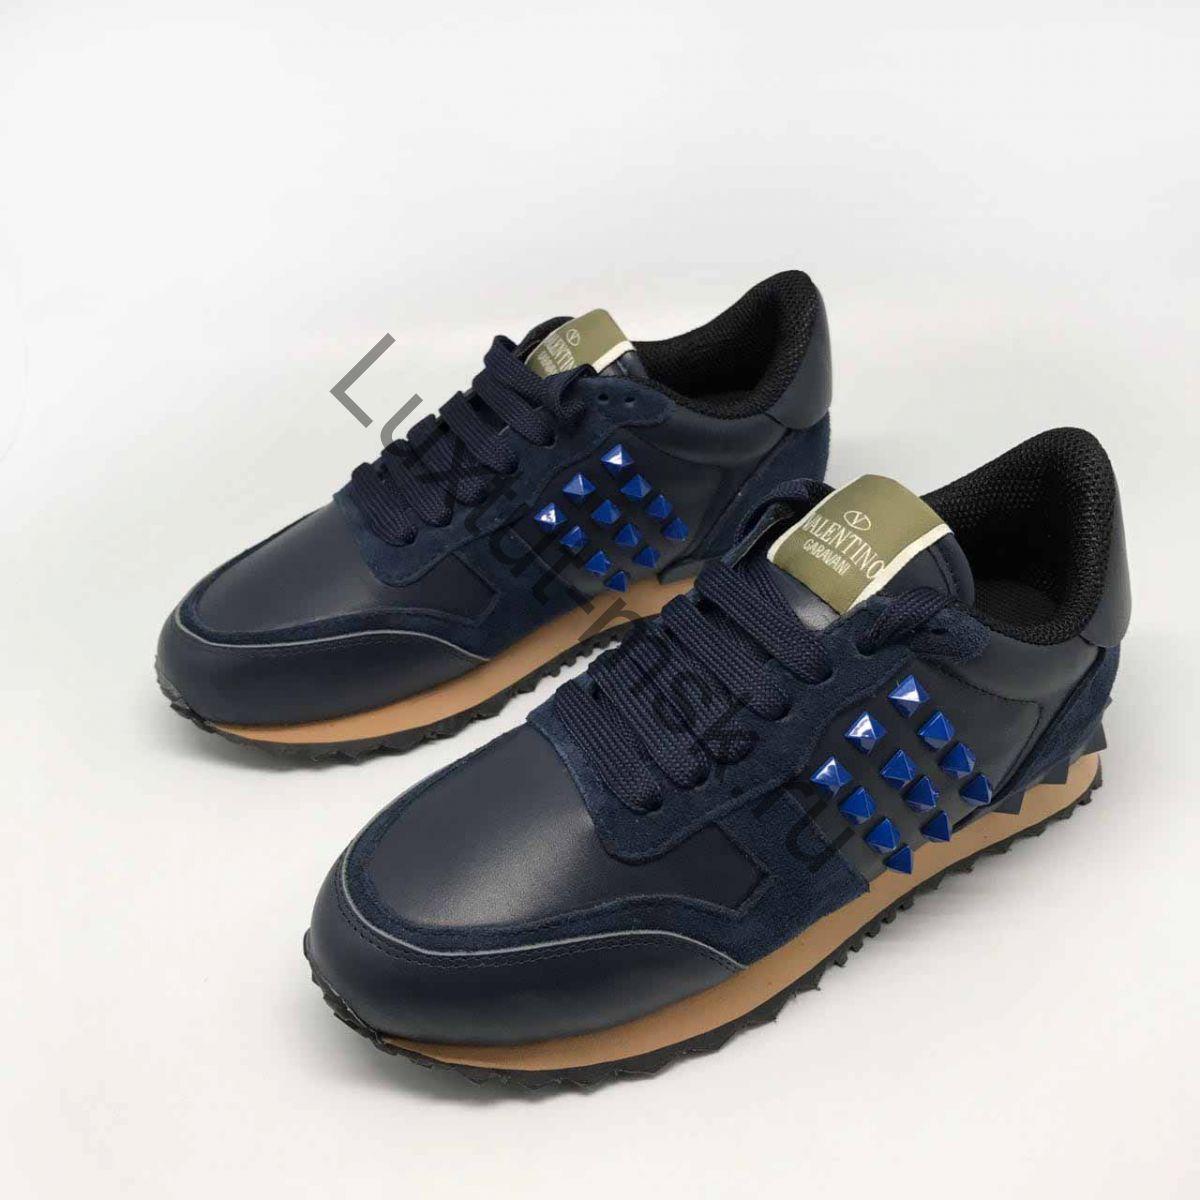 1a246a39 Кеды и кроссовки Valentino Garavani с шипами женские замшевые и ...